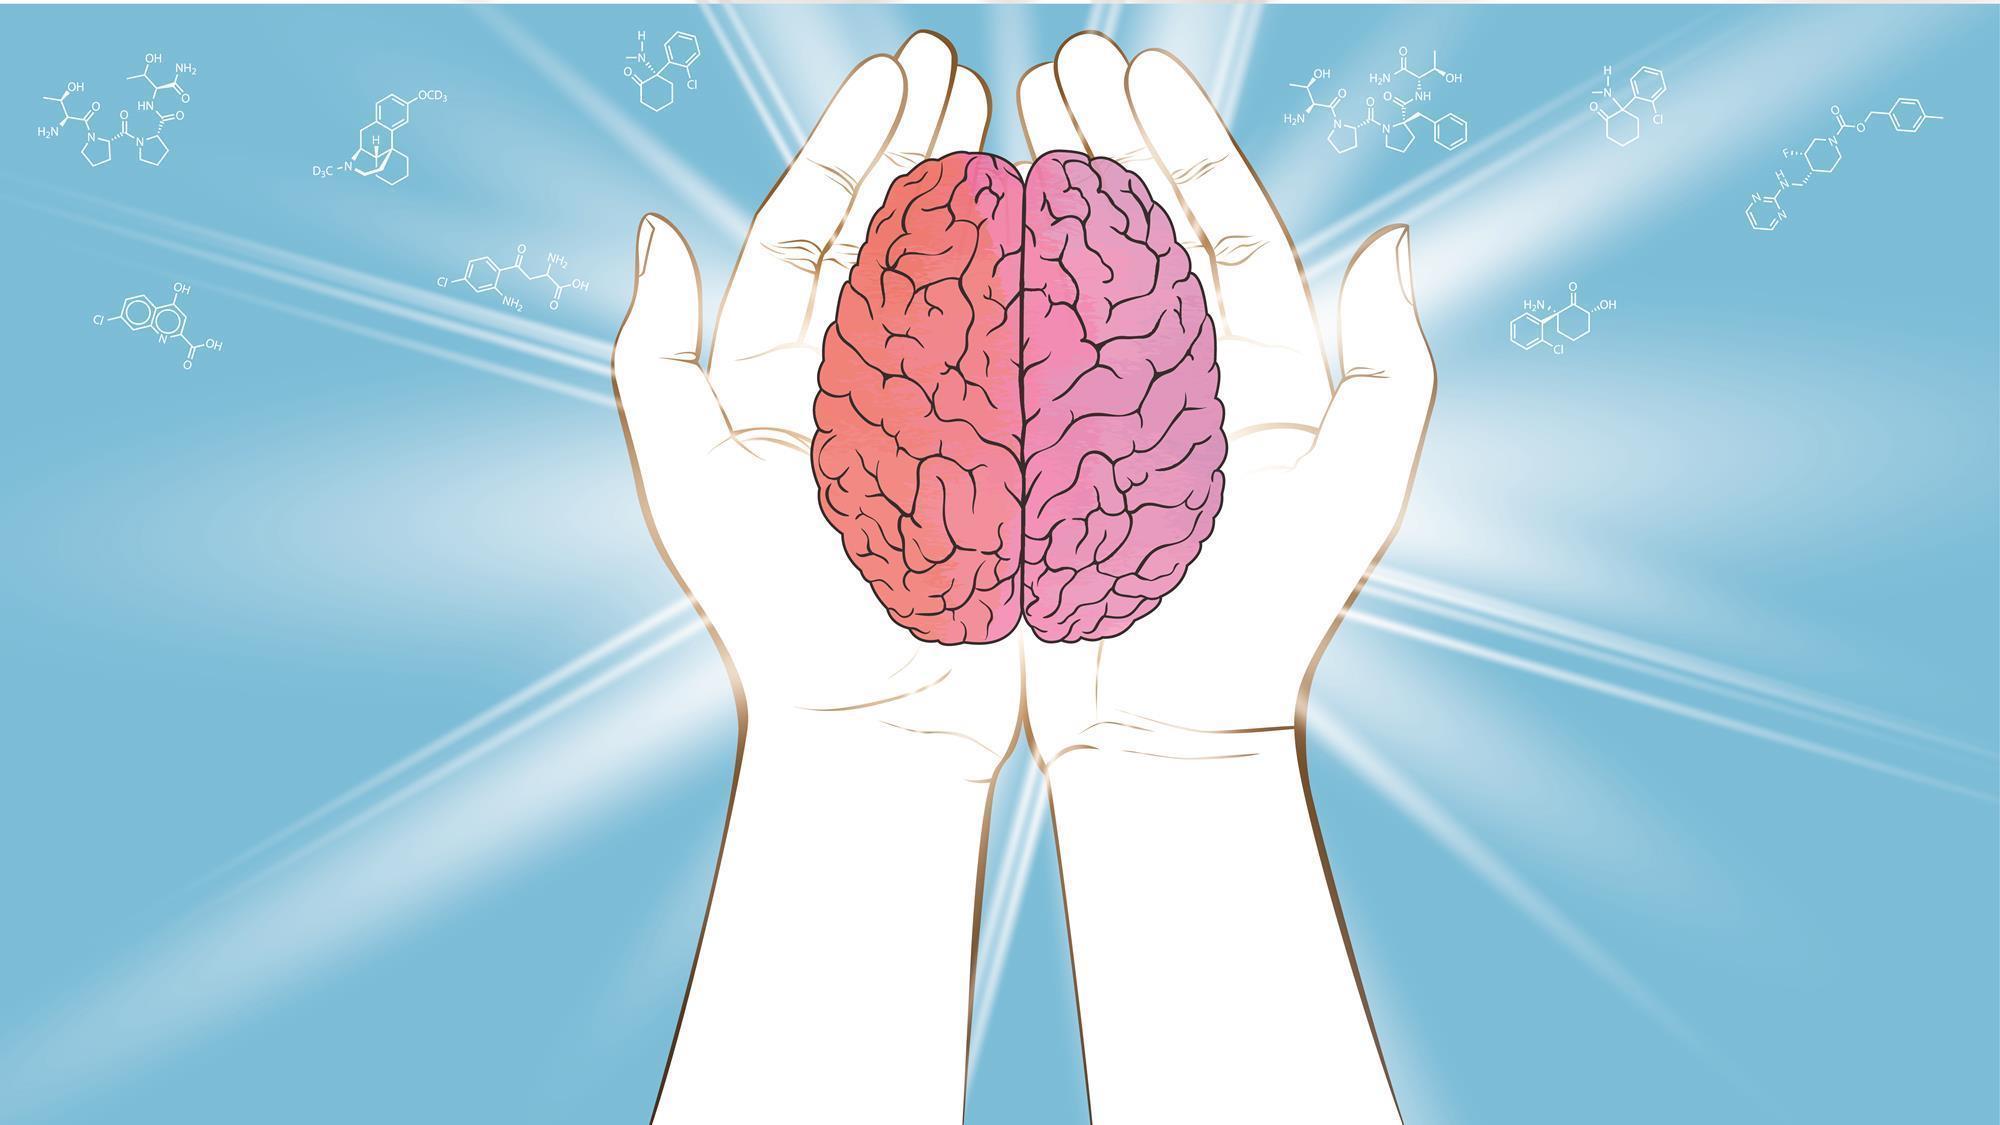 0317CW - Ketamine mental health conceptual image - Hero